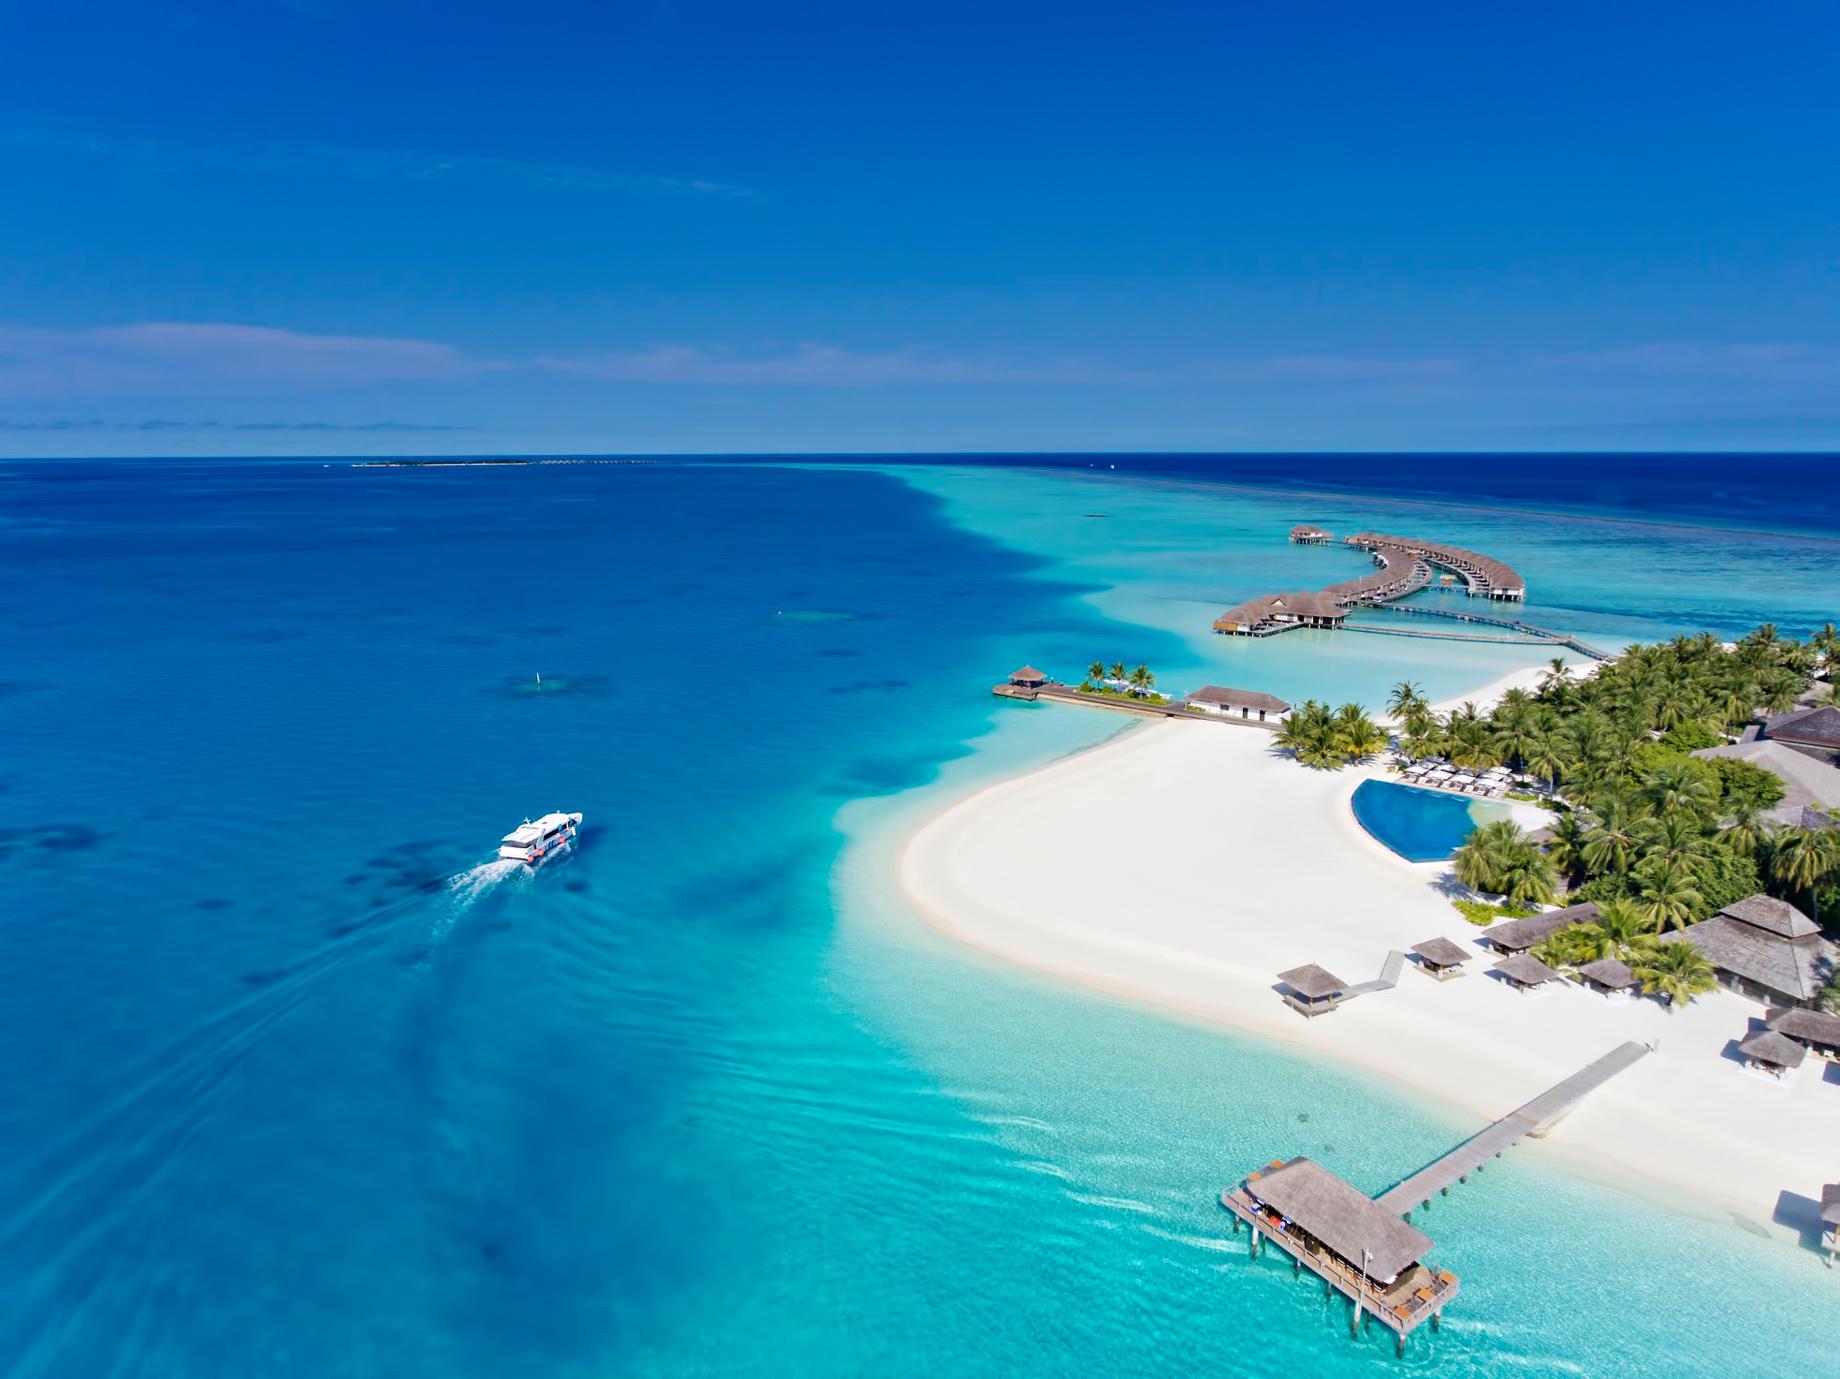 Velassaru Maldives Luxury Resort – South Male Atoll, Maldives – Private Island